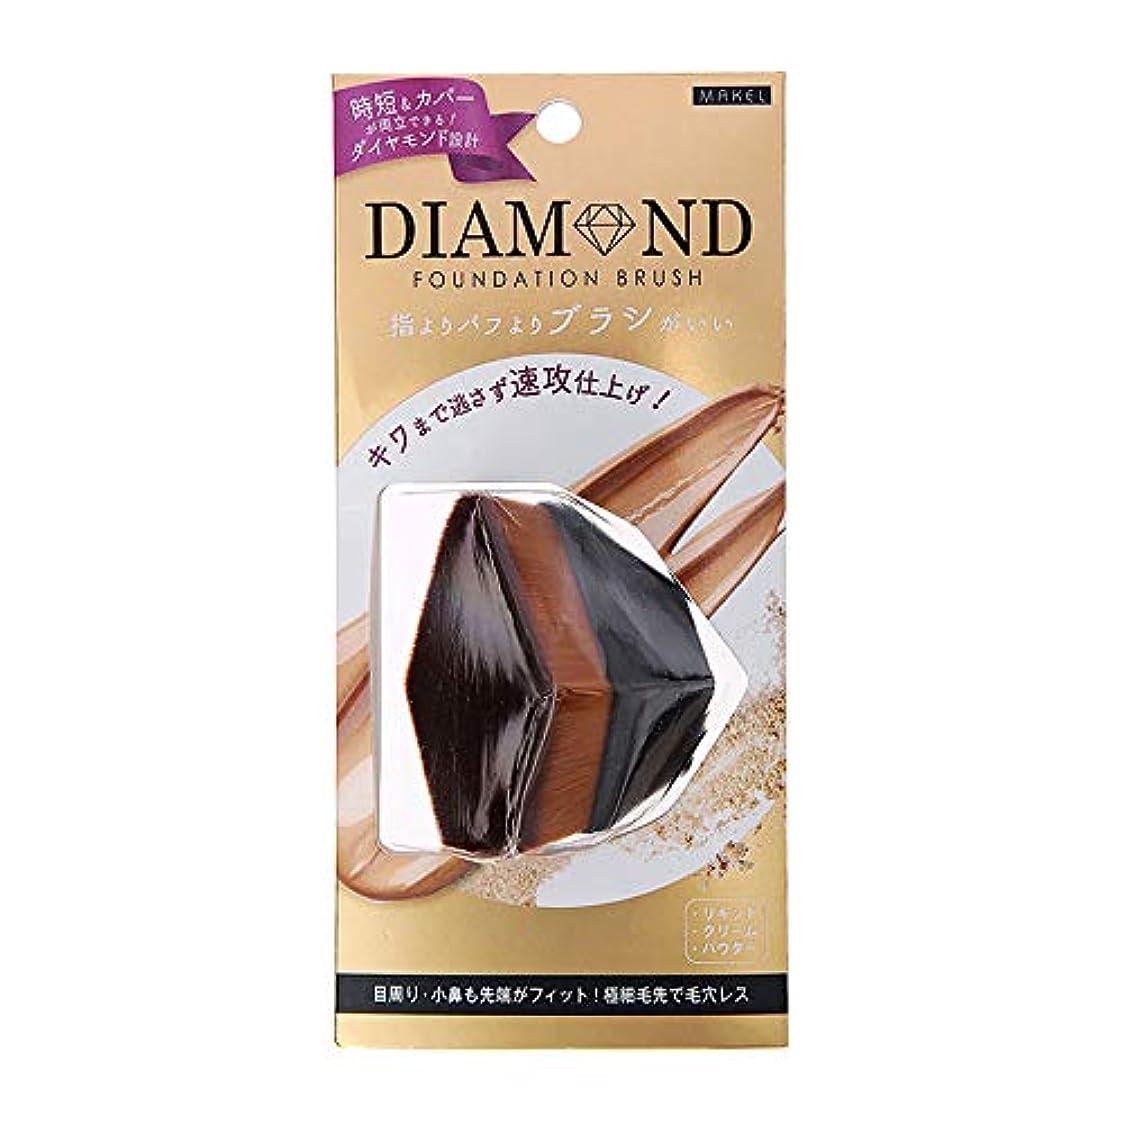 賞賛するスピーカー強盗ダイヤモンドファンデーションブラシ(ブラック) DIB1500